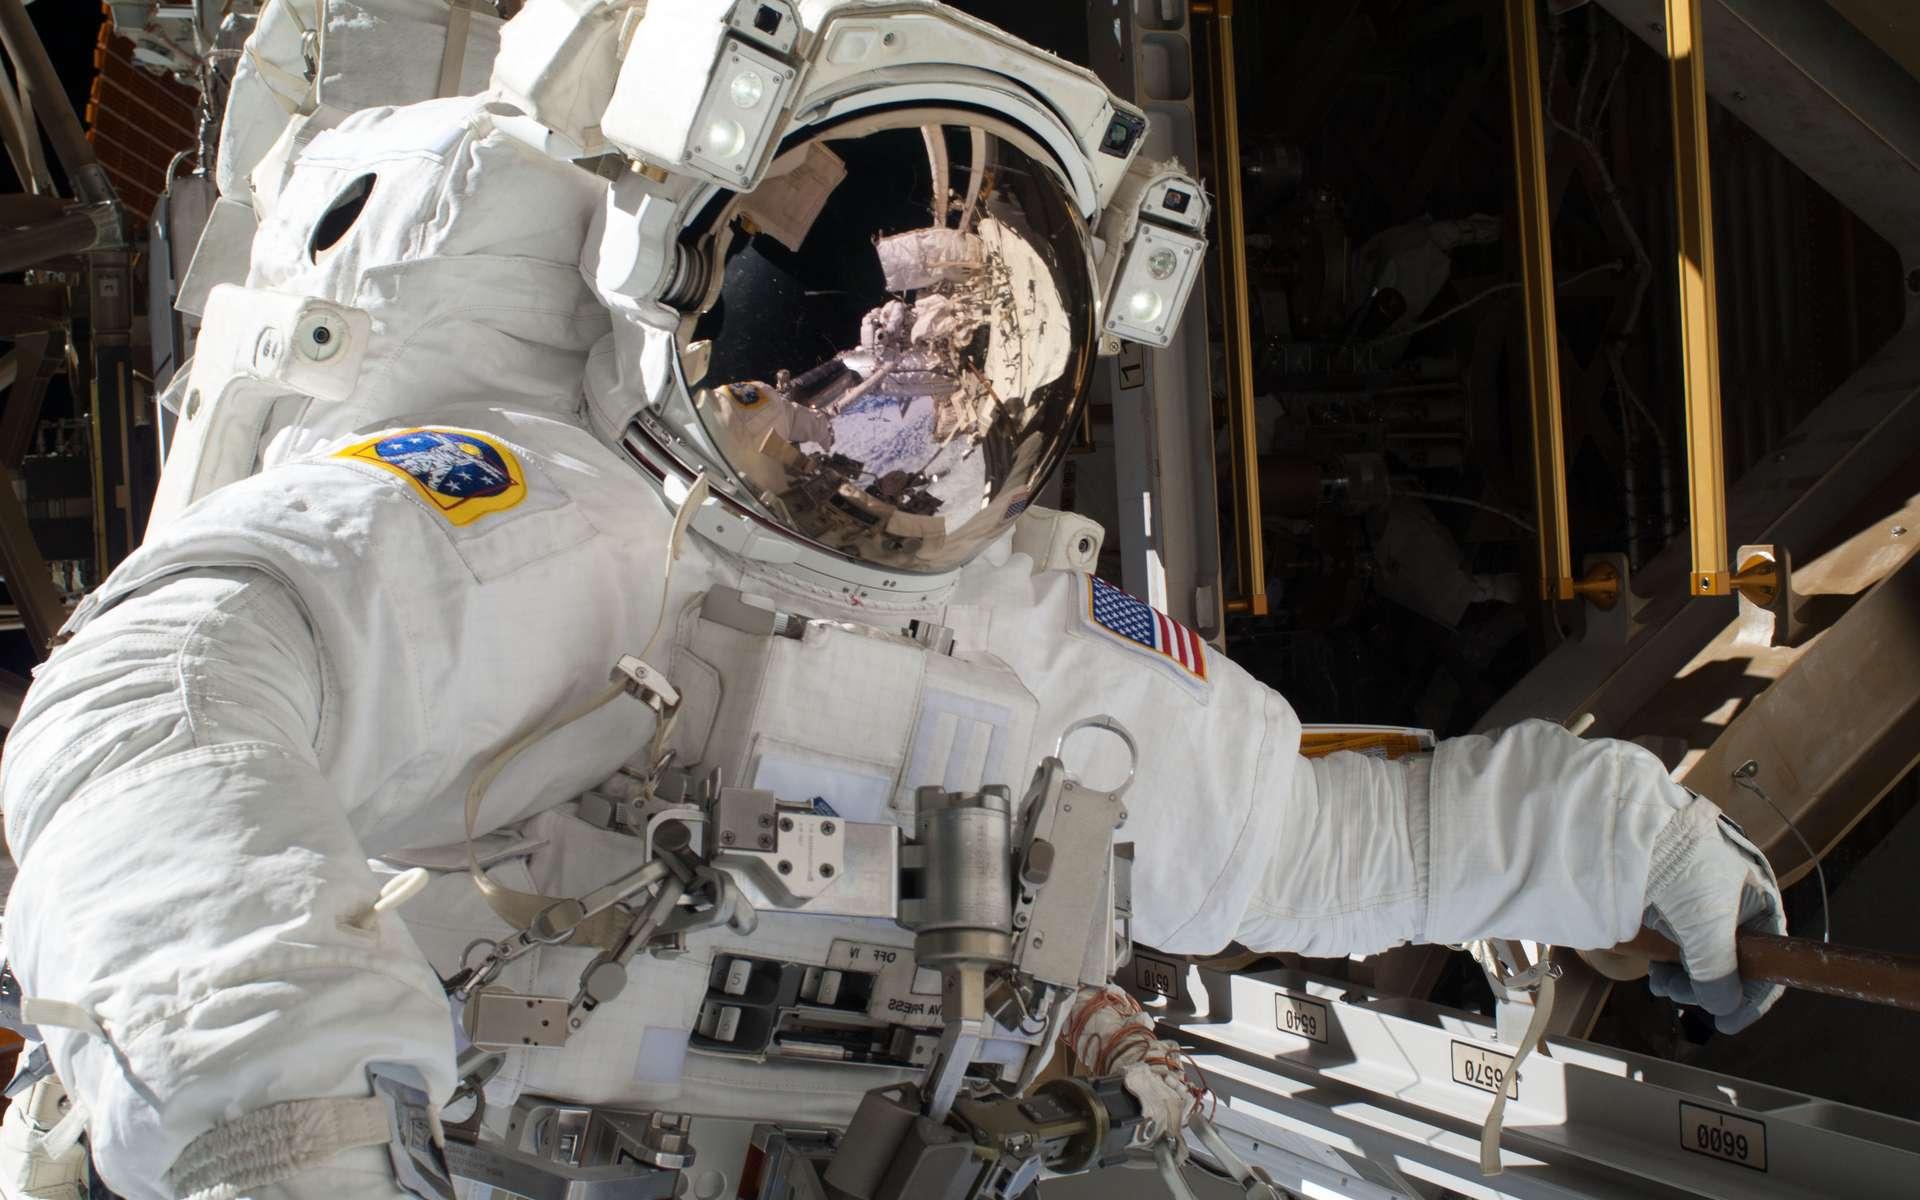 L'espérance de vie des astronautes de la Nasa ne semble pas affectée par l'exposition aux radiations dans l'espace. © Nasa